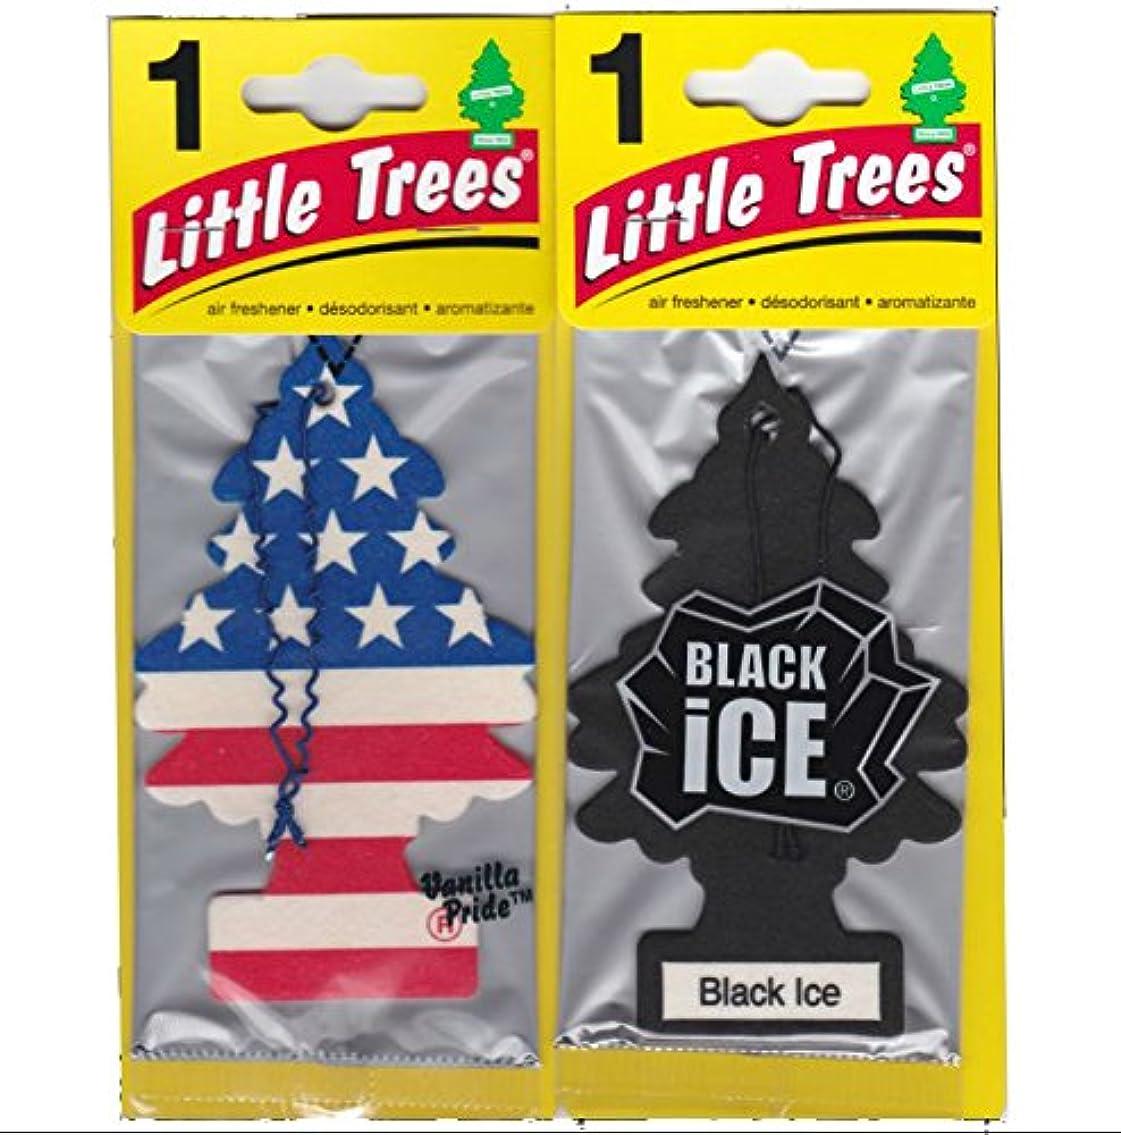 マニフェスト現実口Little Trees 吊下げ式 芳香剤 エアーフレッシュナー ブラックアイス & バニラプライド [並行輸入品]